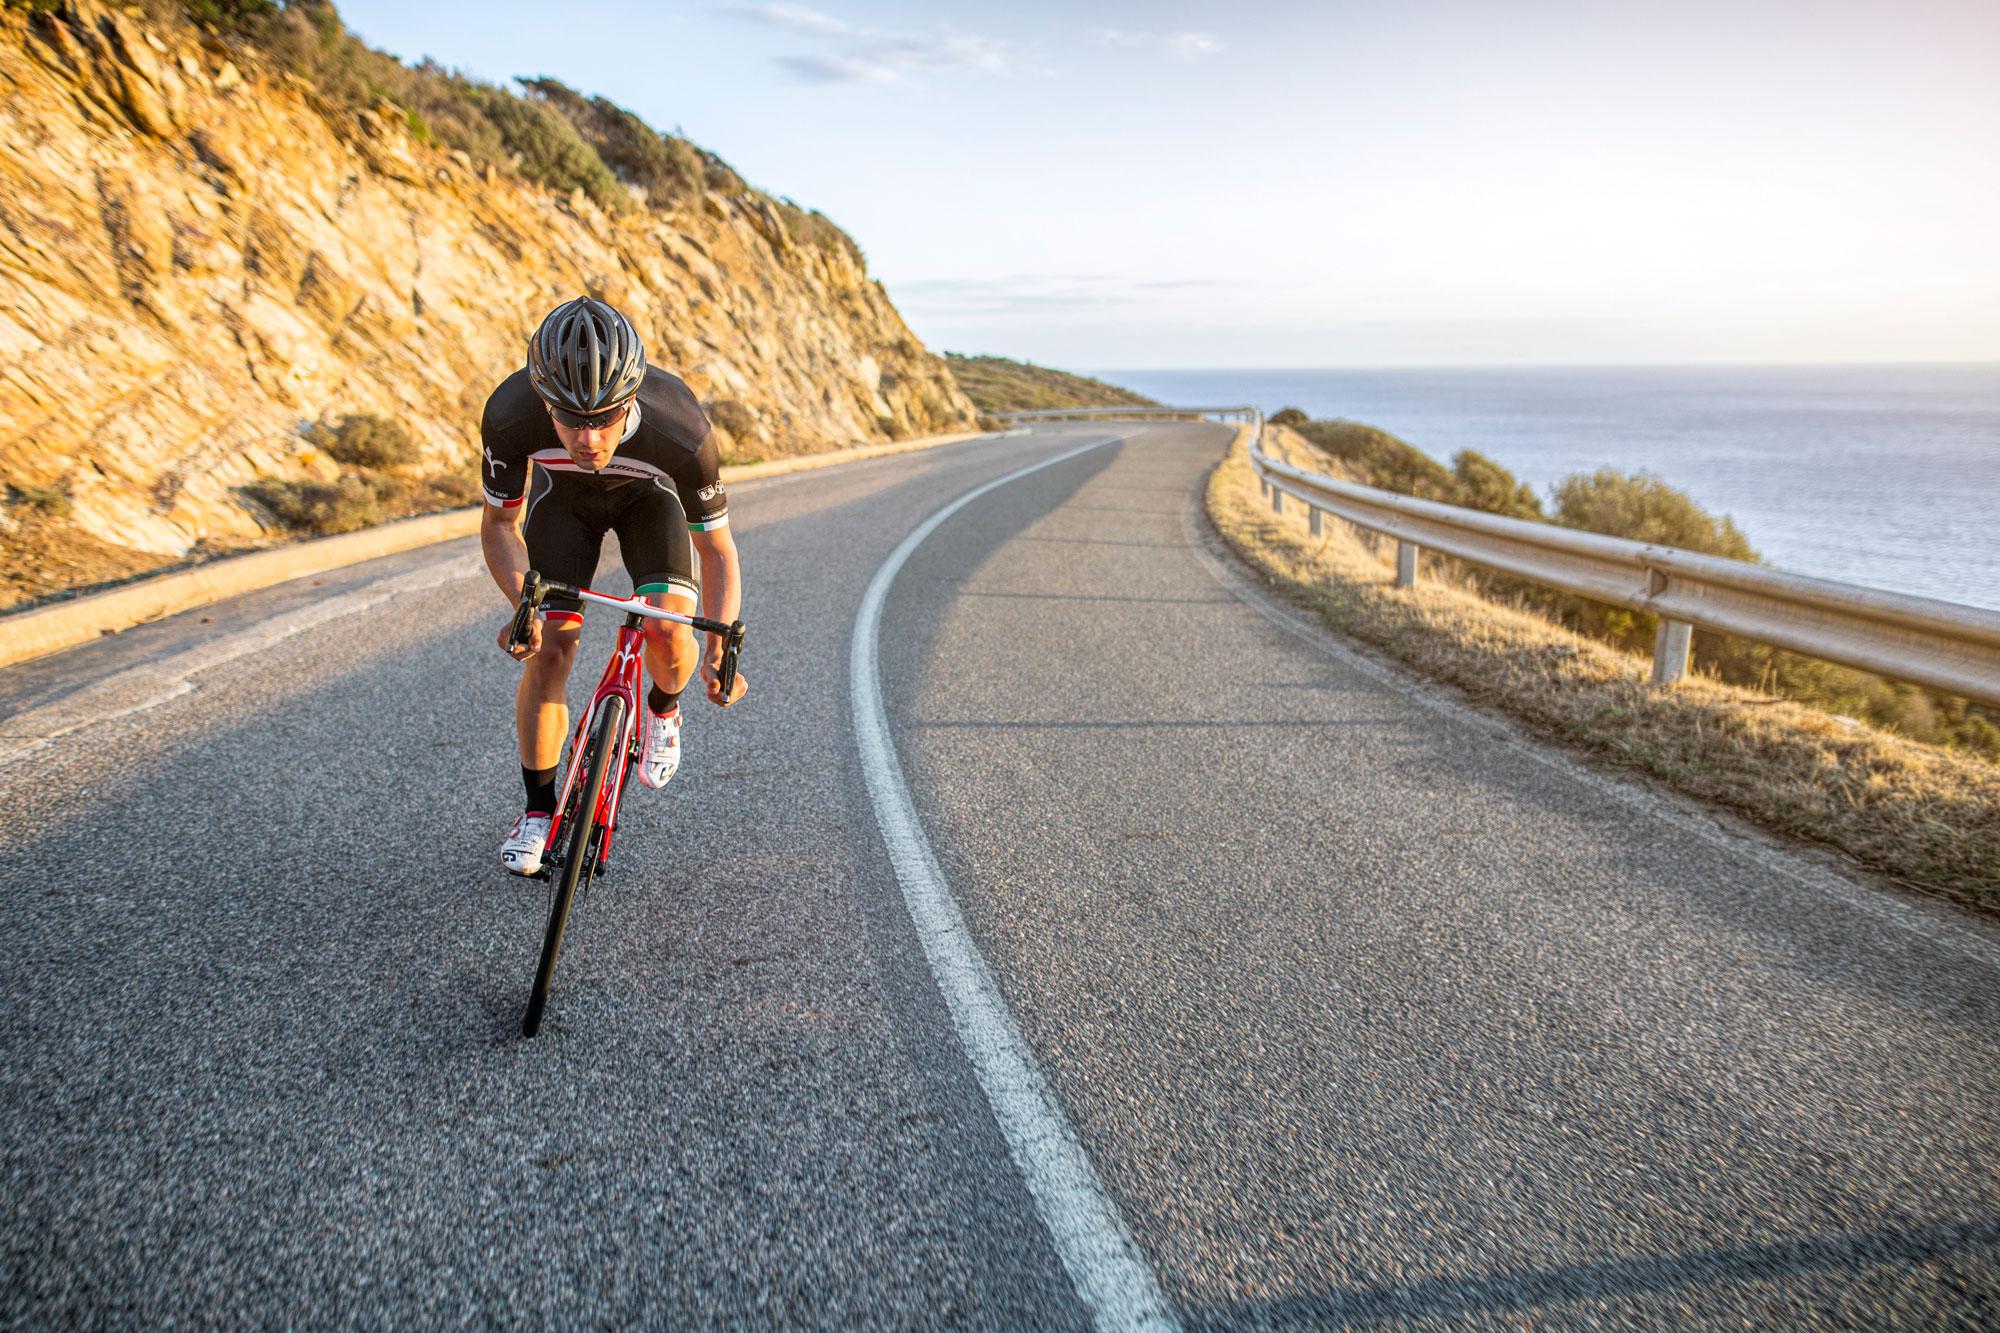 Bicicleta. Competición archivos - Burrita Bike Store